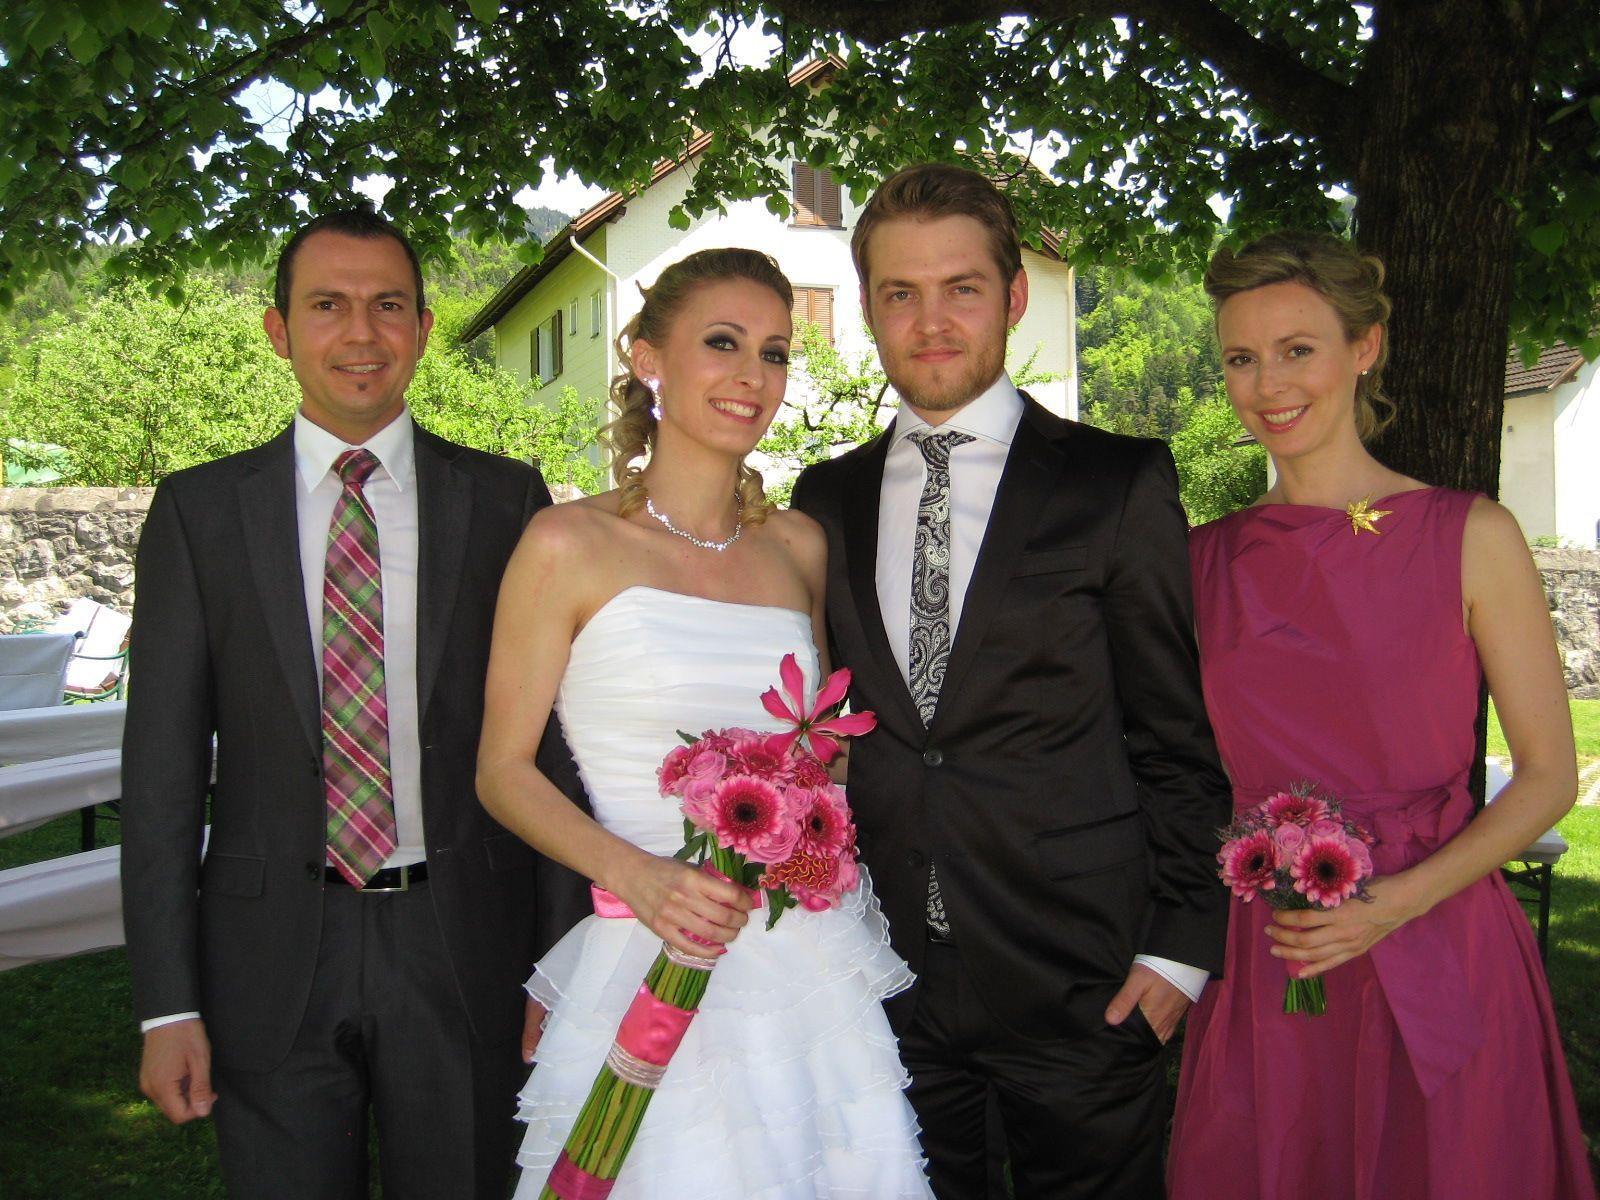 Denise Rieger und Daniel Hartmann haben geheiratet.